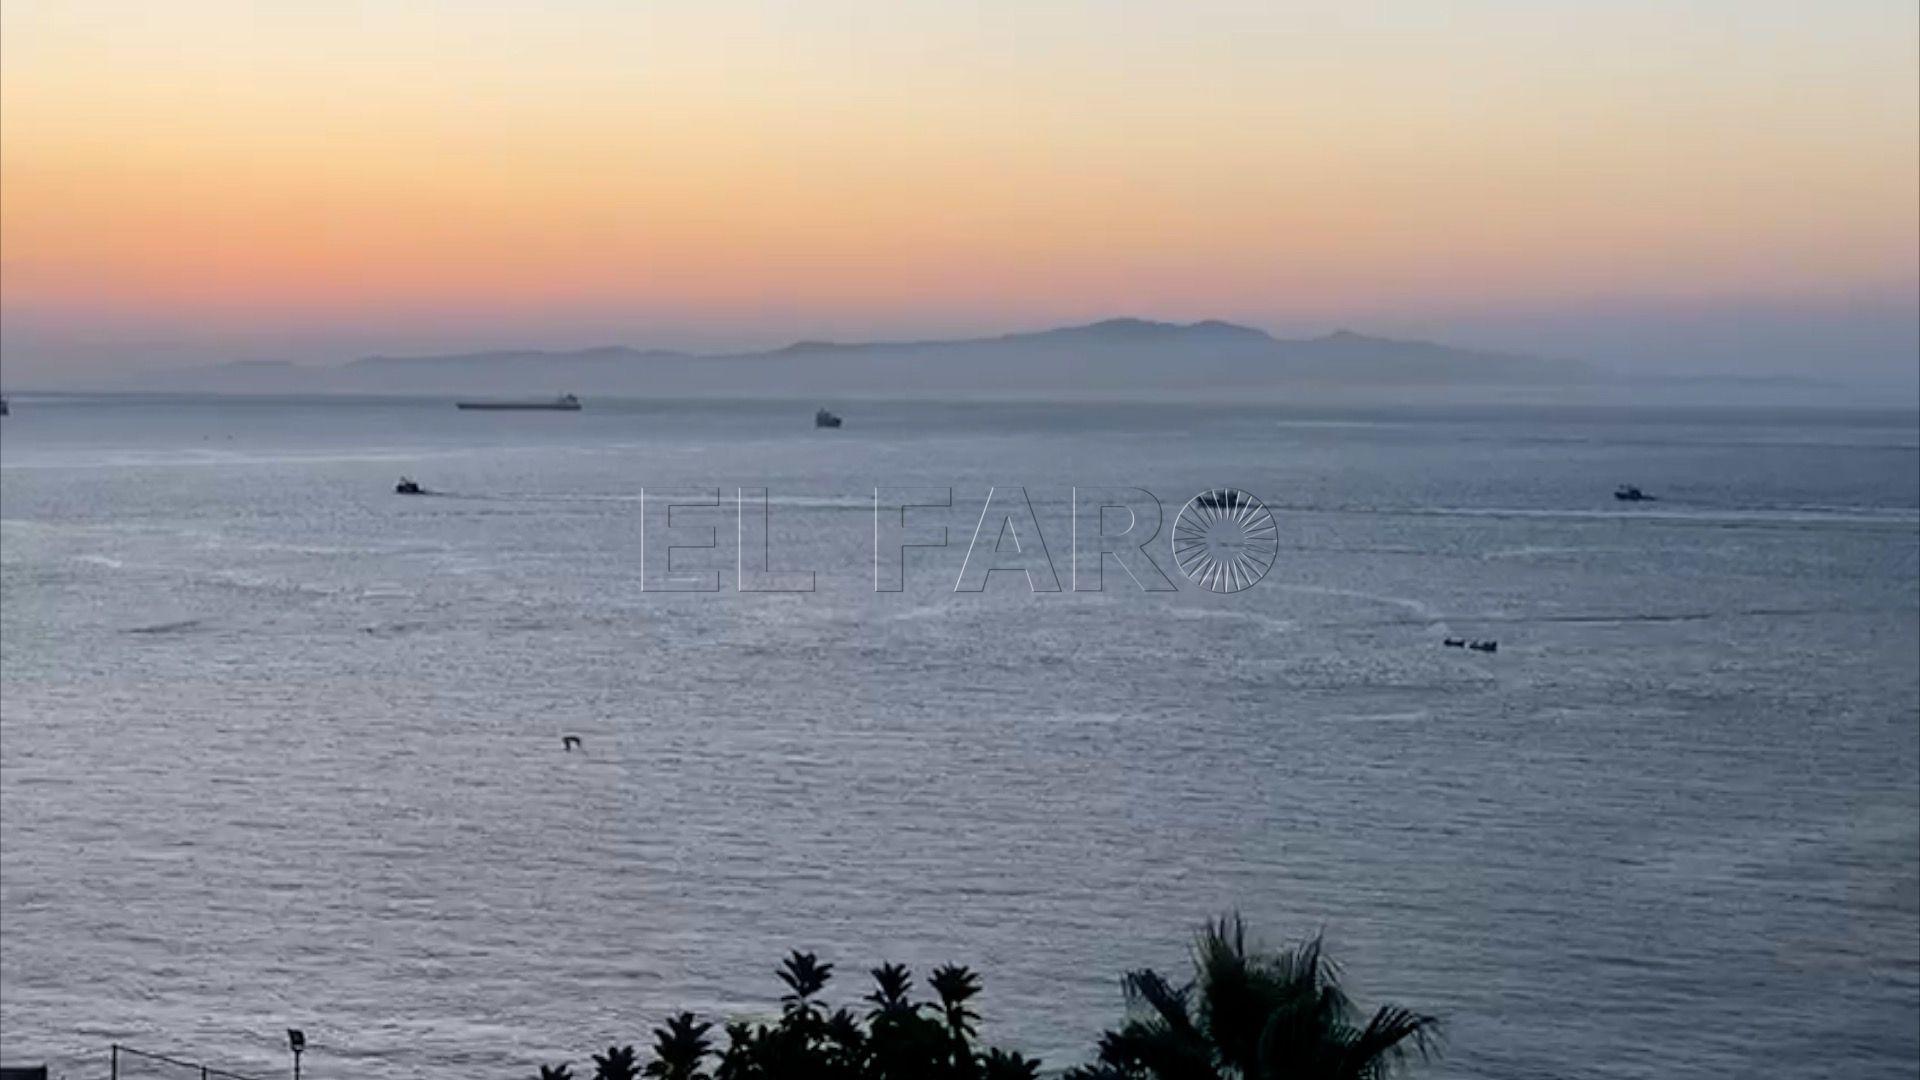 pesqueros-marroquies-aguas-ceuties-5